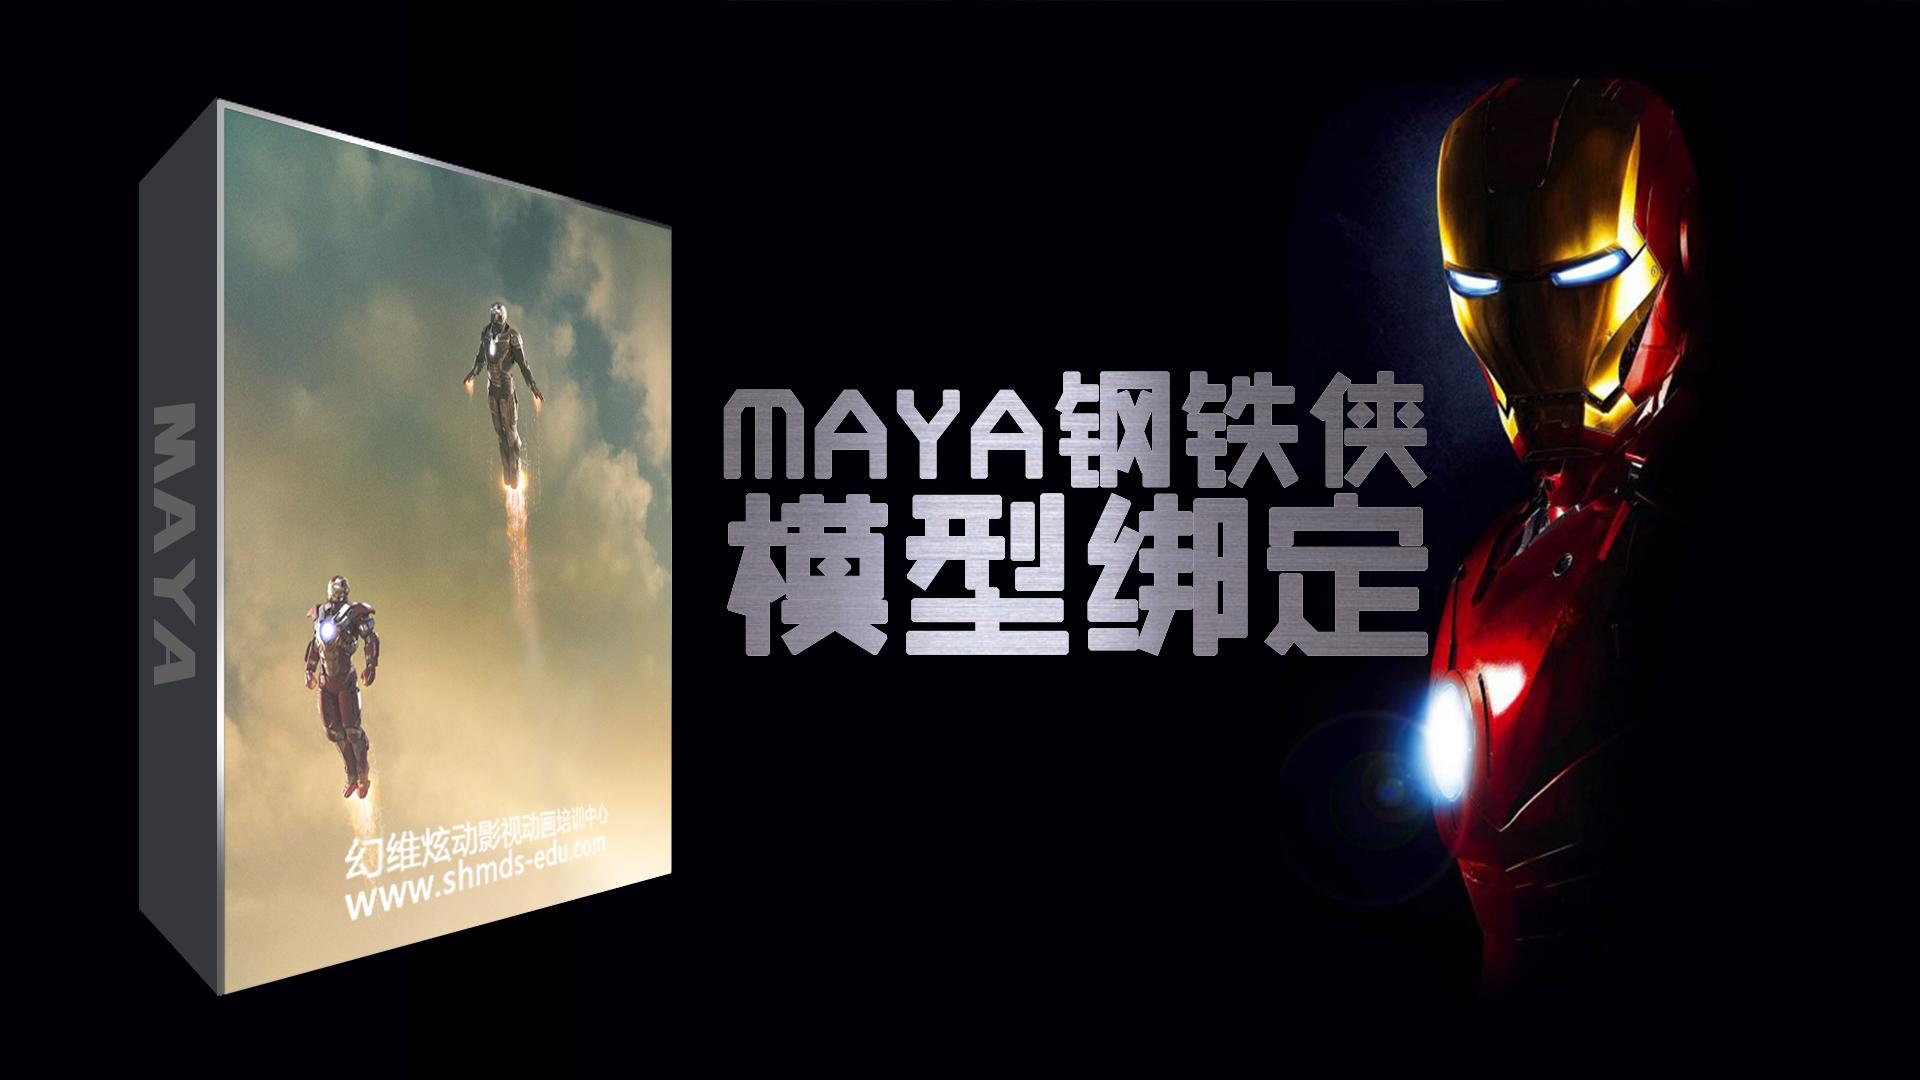 Maya钢铁侠动画绑定制作【幻维炫动】